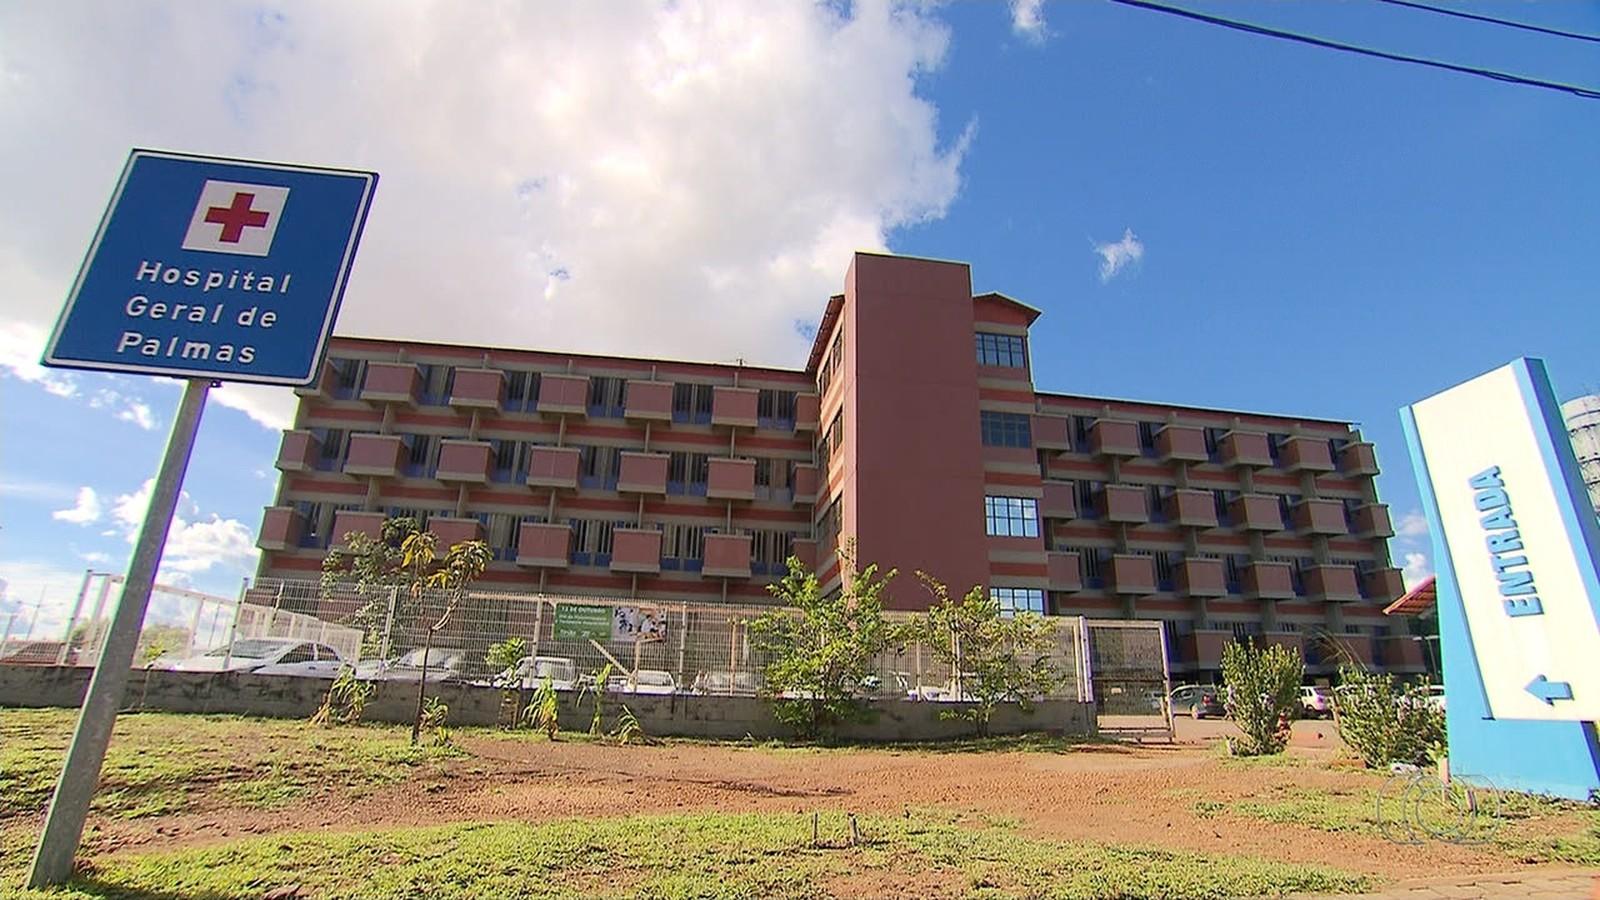 Homem é preso pela PM suspeito de furtar celulares dentro do Hospital Geral de Palmas